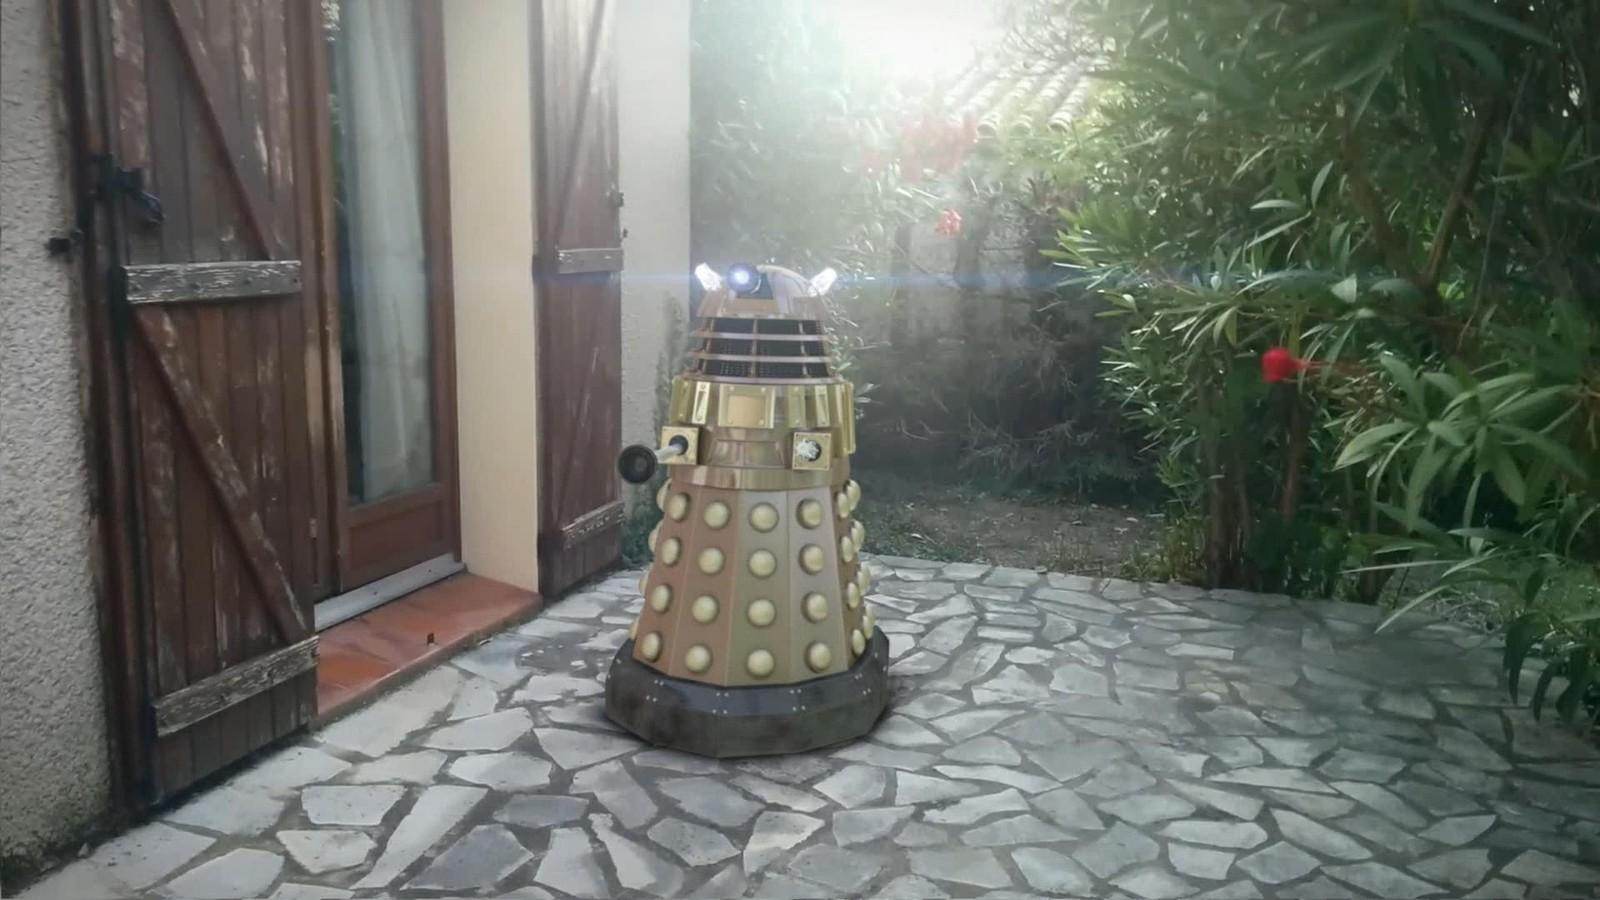 Dalek at Home